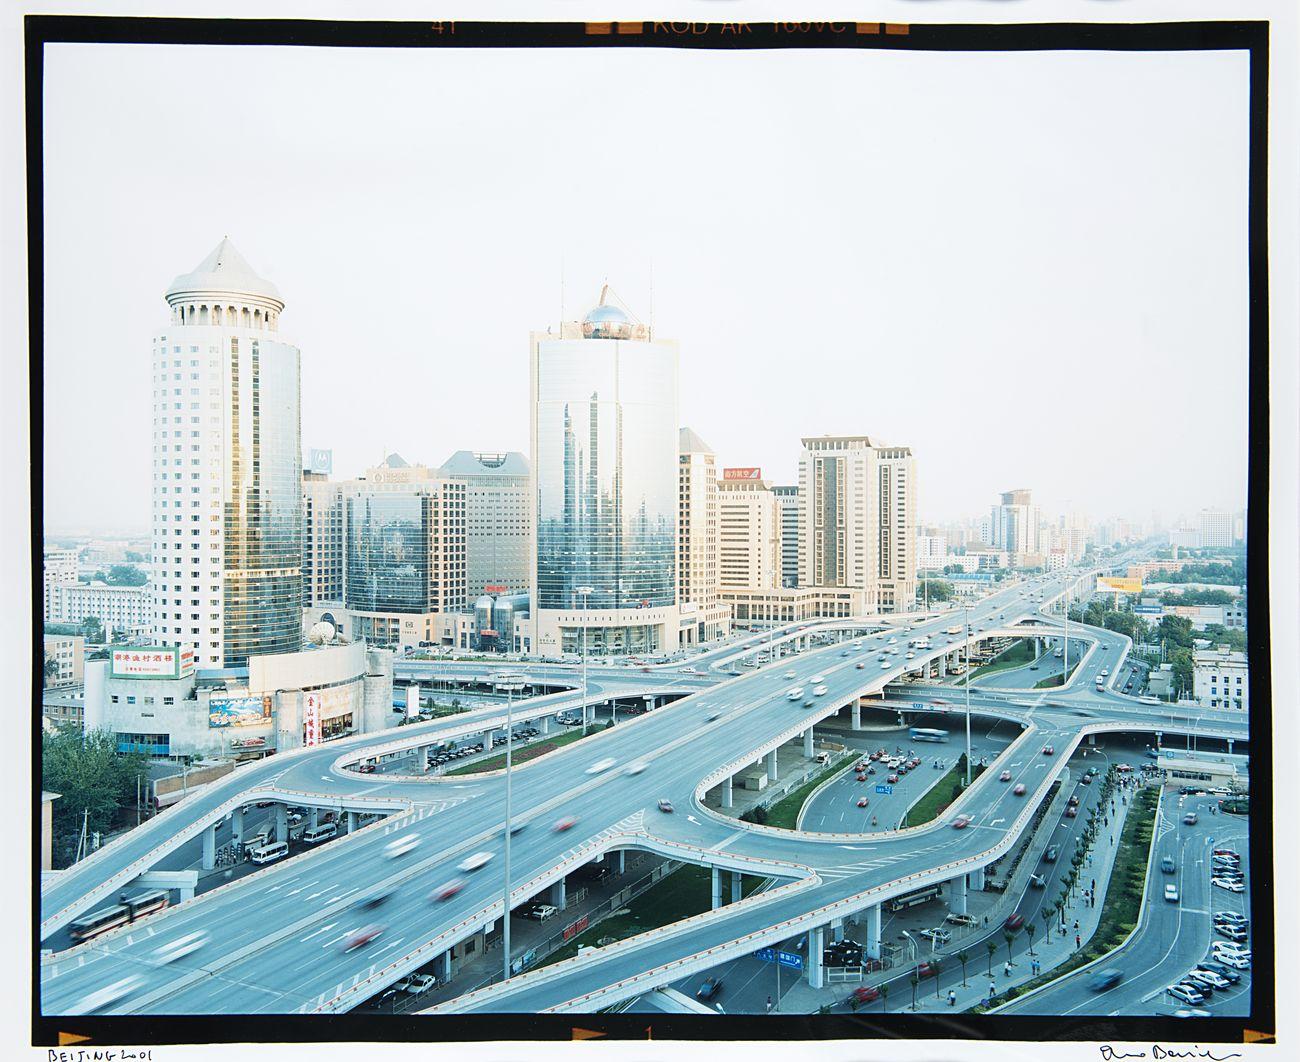 Olivo Barbieri, Beijing, 2001